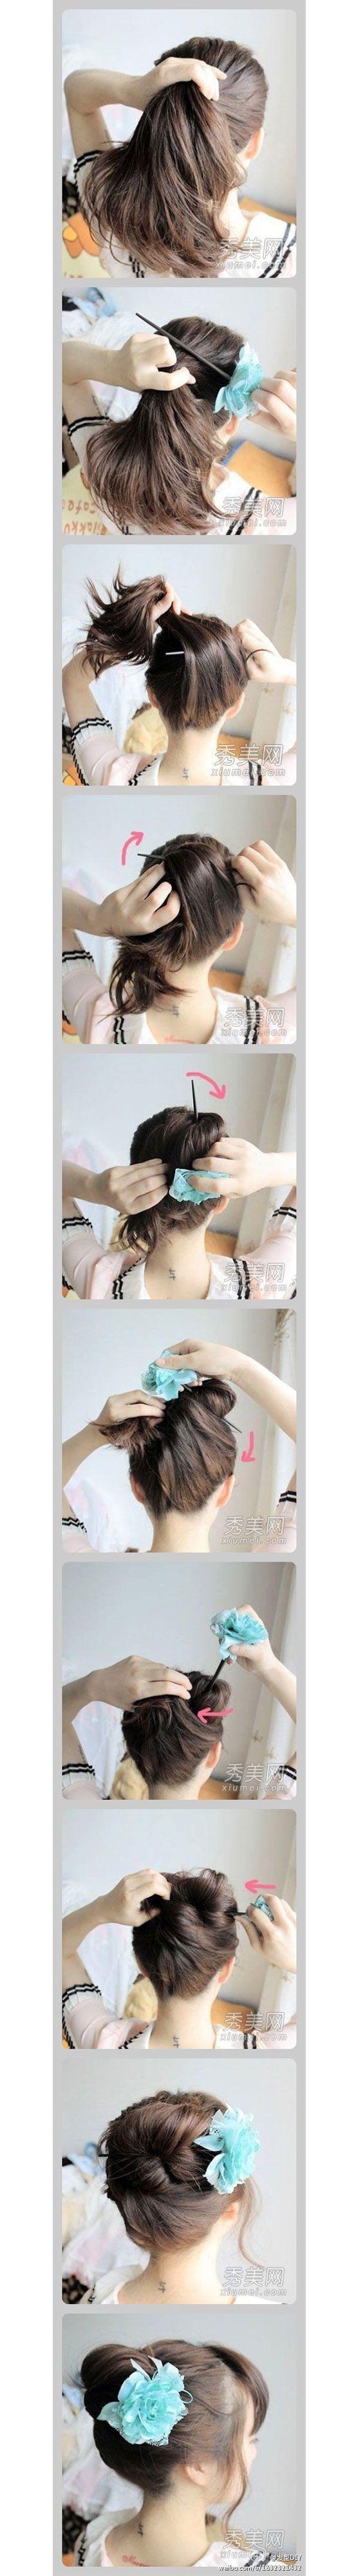 Inspiringhairstyletutorialideasforgirls peinados